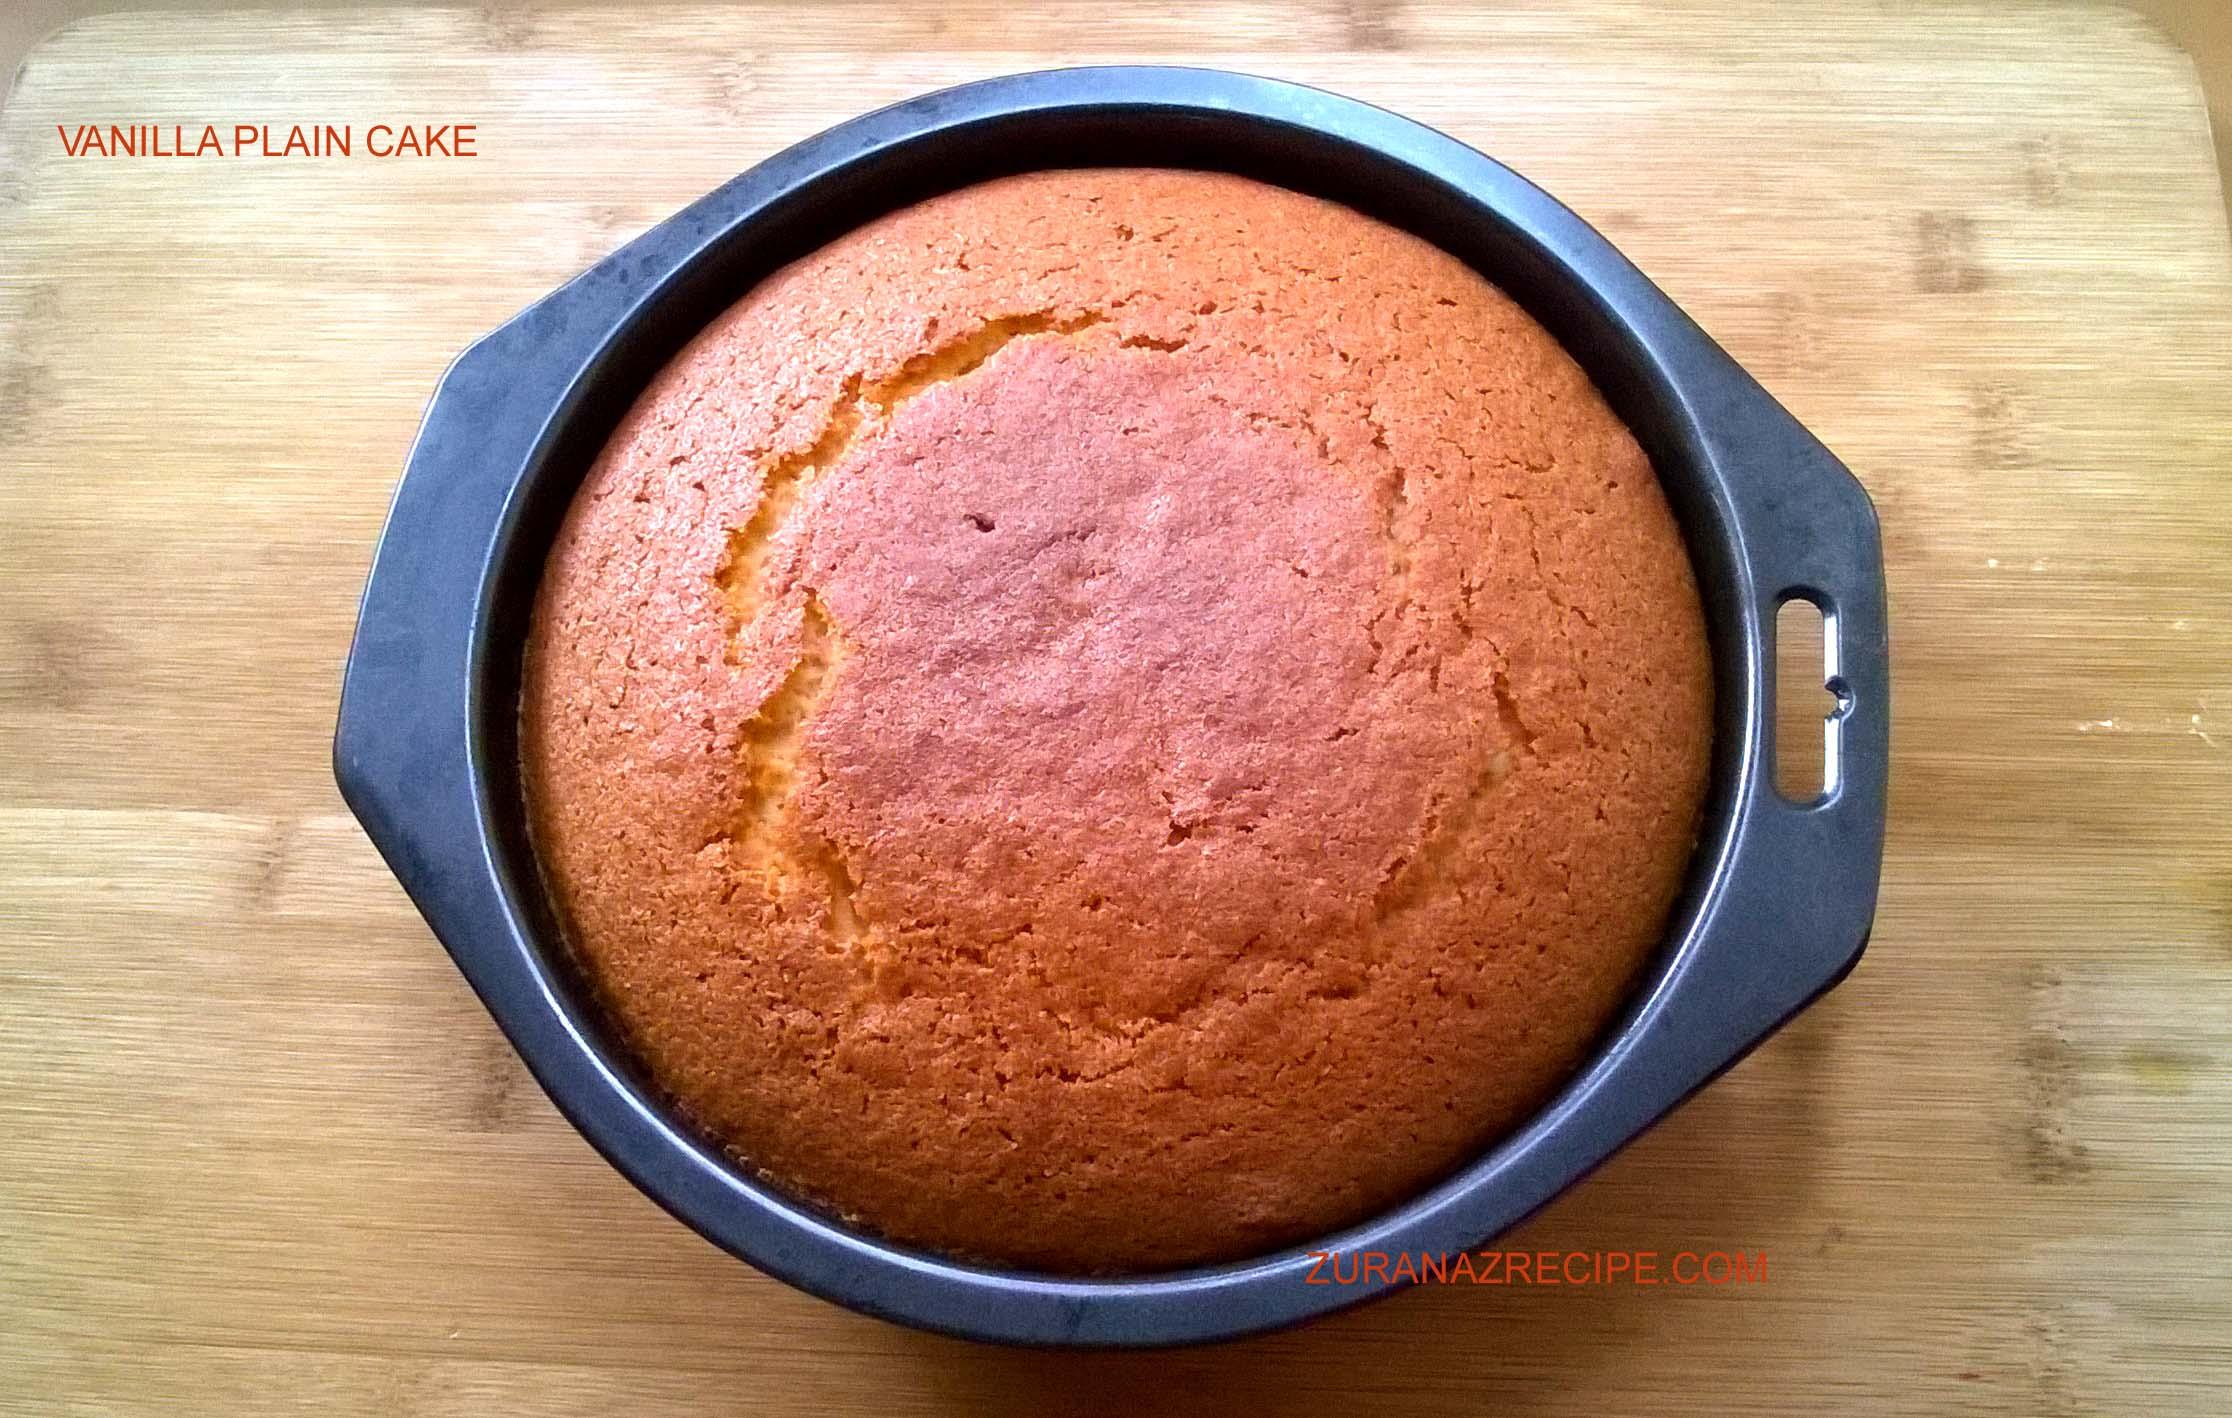 Vanilla Plain Cake